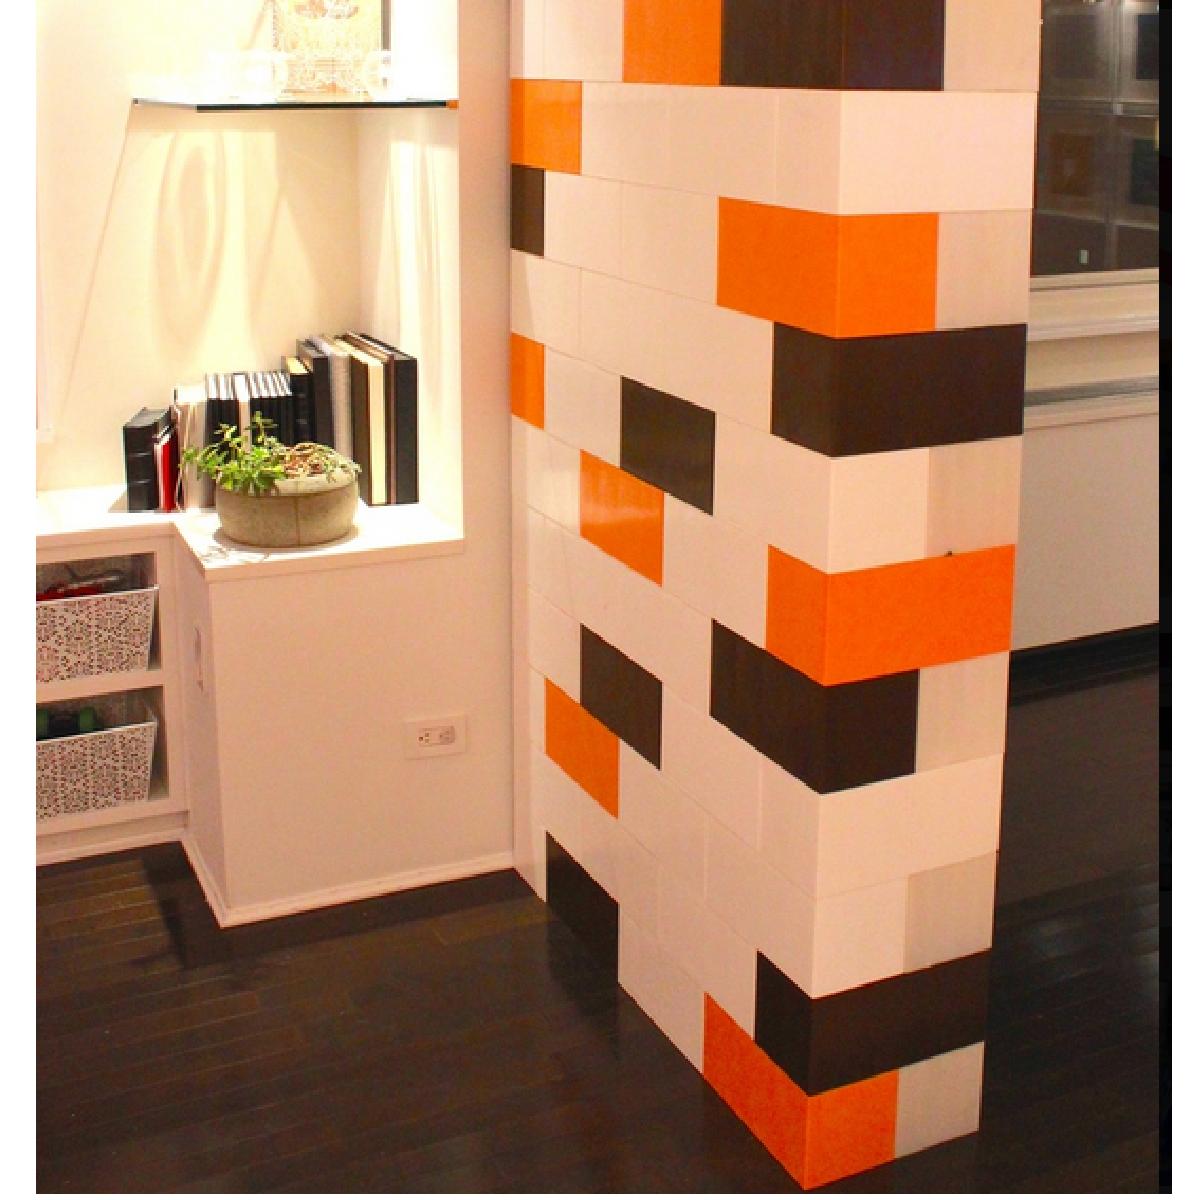 Cadeaux 2 ouf id es de cadeaux insolites et originaux for Construire une maison en lego